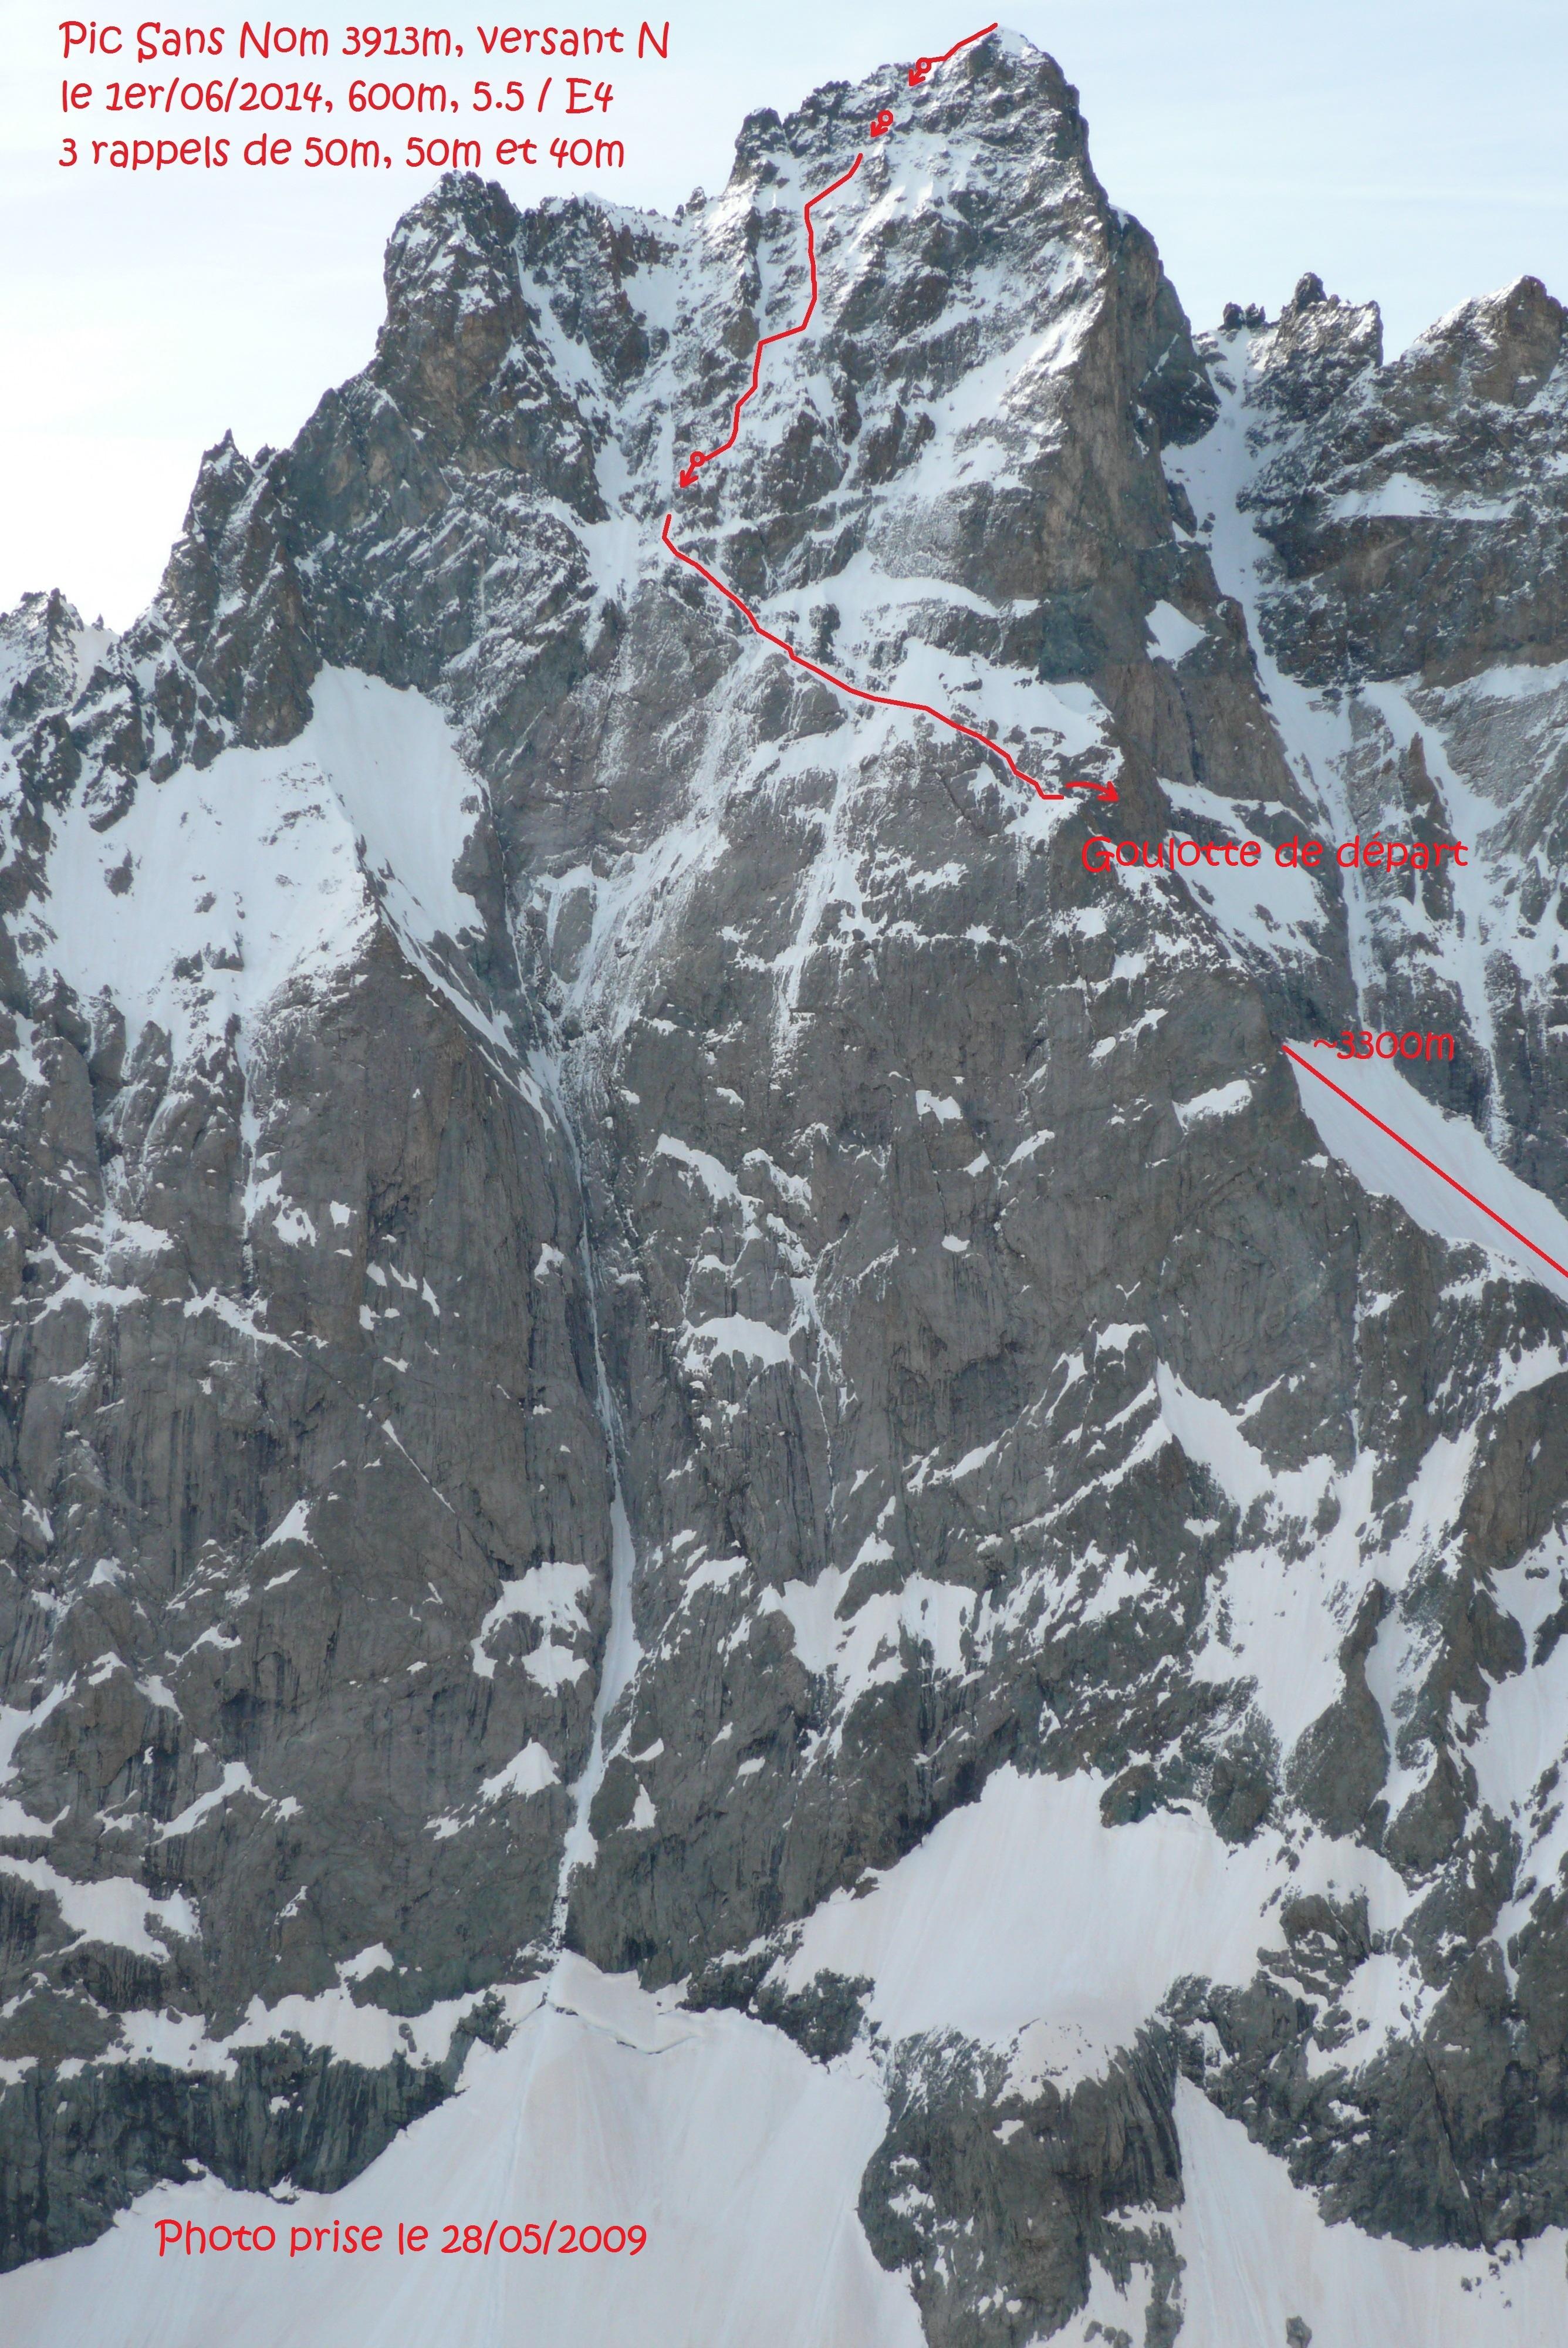 la face nord du pic sans nom  u00e0 skis - courses